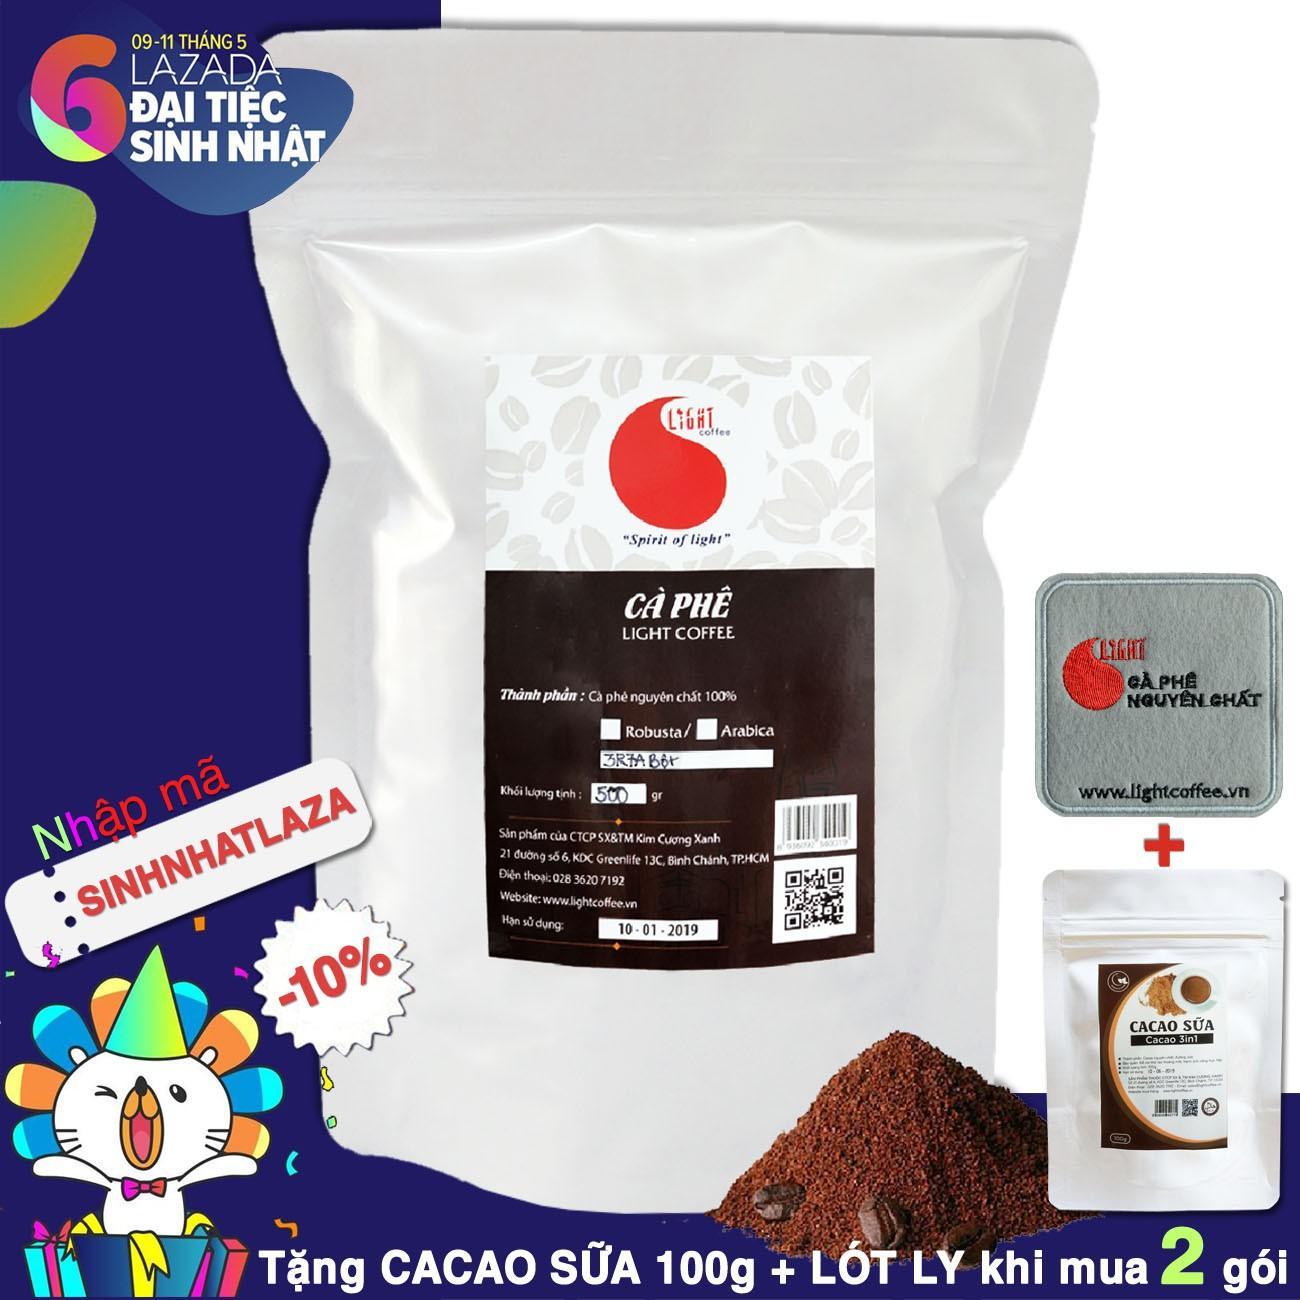 Ôn Tập Ca Phe Bột Nguyen Chất 100 Chua Thanh Dịu Dang Light Coffee 500Gr Mới Nhất